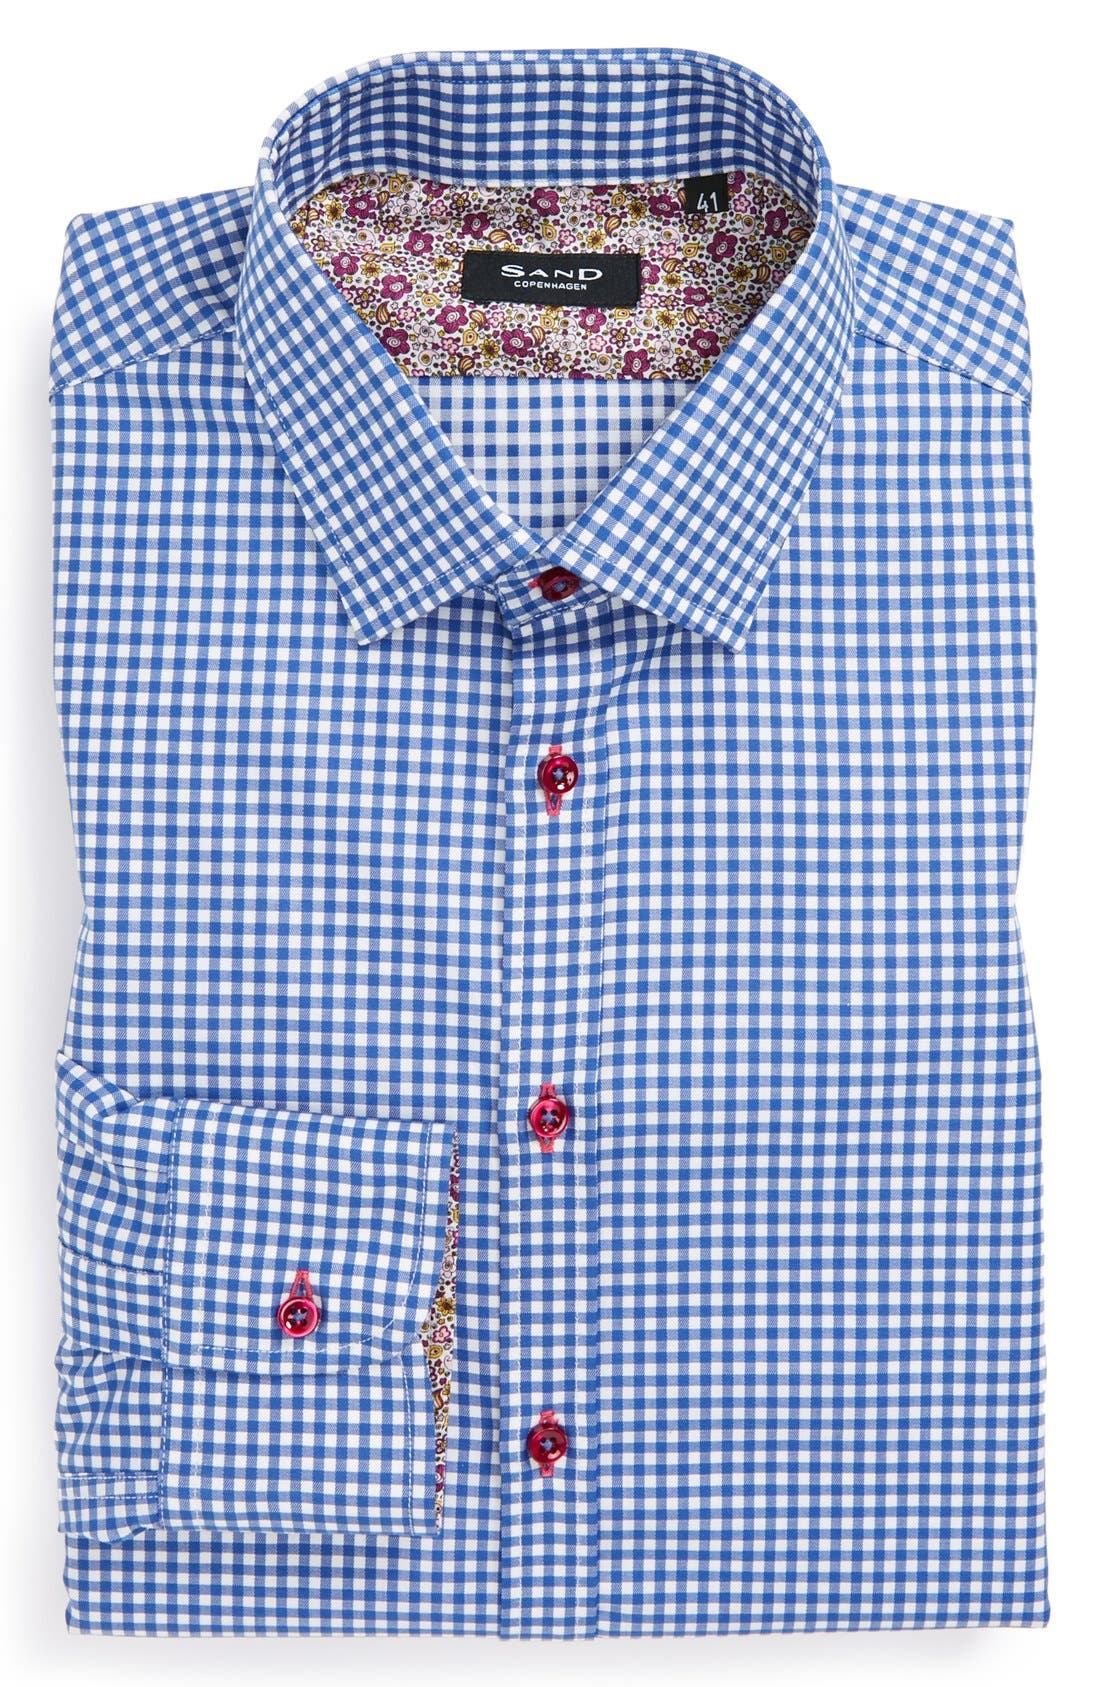 Main Image - Sand Extra Trim Fit Check Dress Shirt